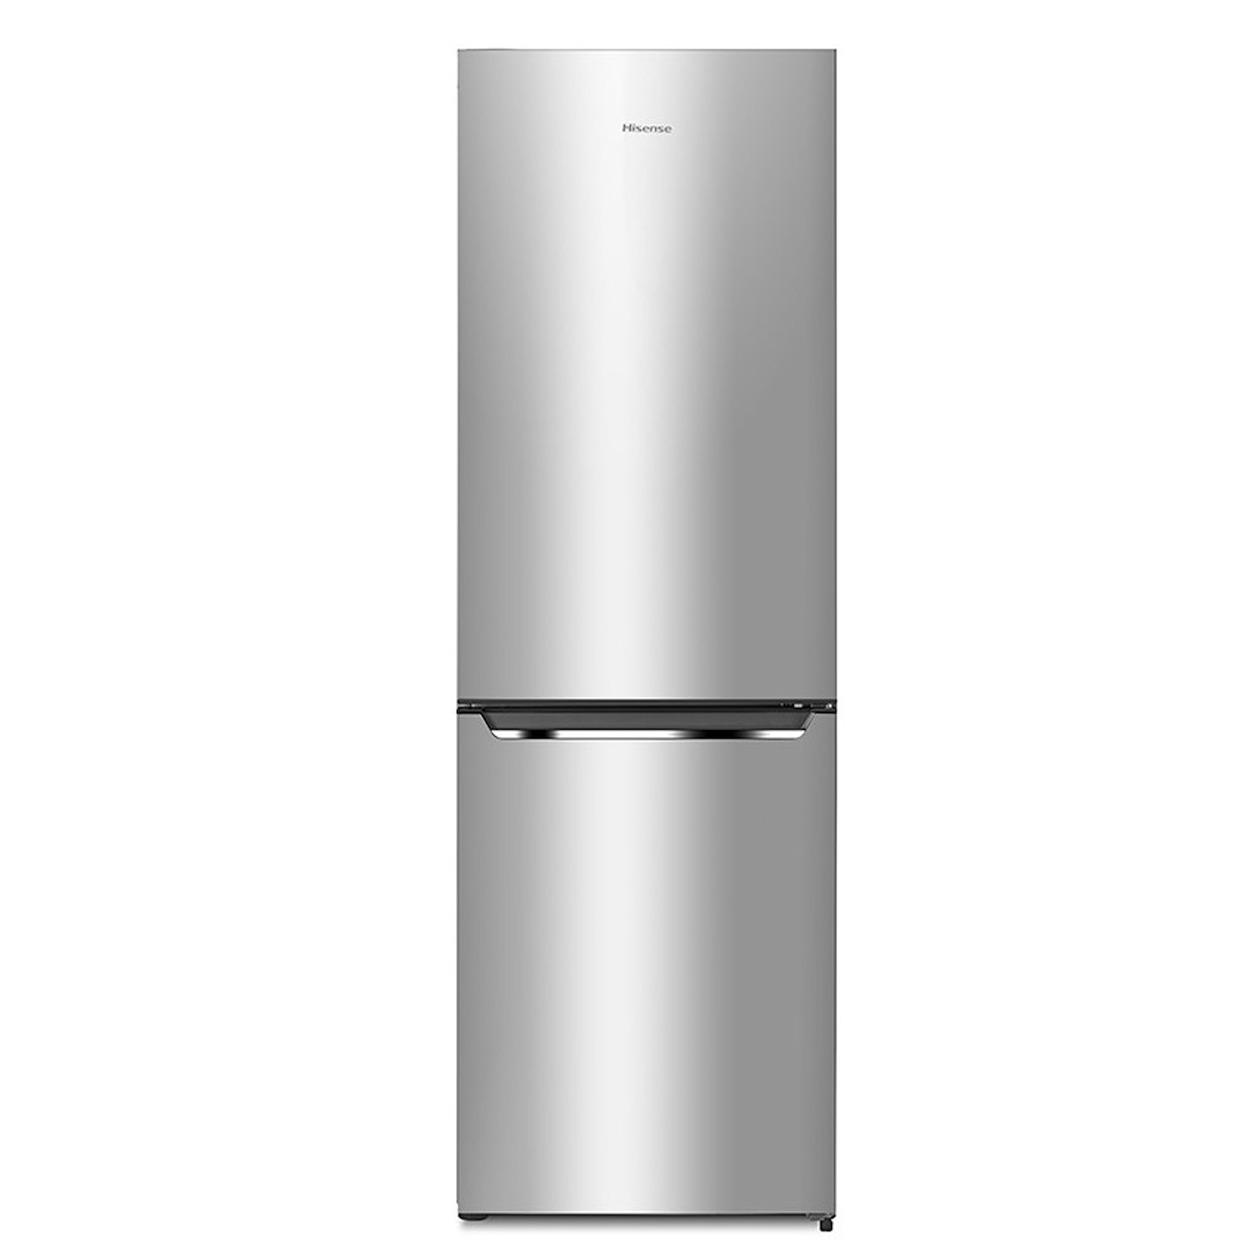 Op Perfect Plasma is alles over witgoed te vinden: waaronder expert en specifiek Hisense koelkast met vriesvak RB422D4AC2 zilver